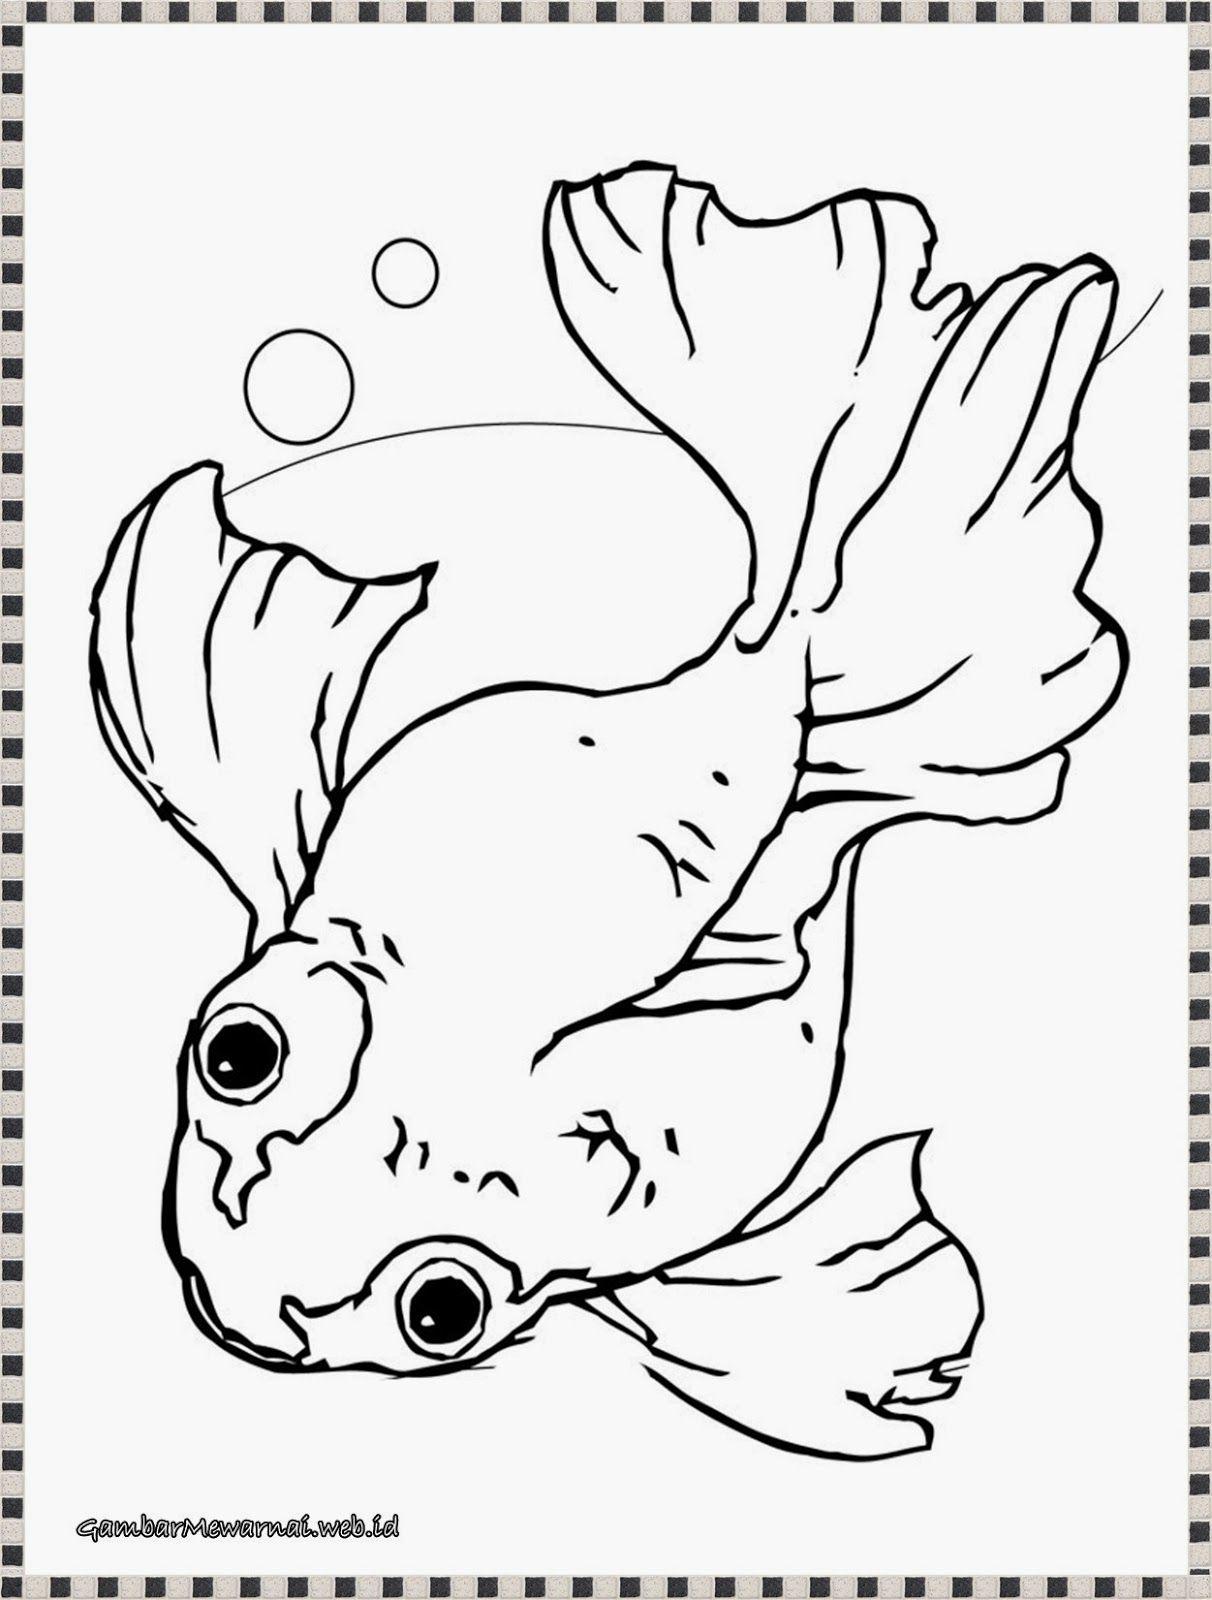 Gambar Ikan Mas Koki Untuk Diwarnai Dengan Gambar Ikan Warna